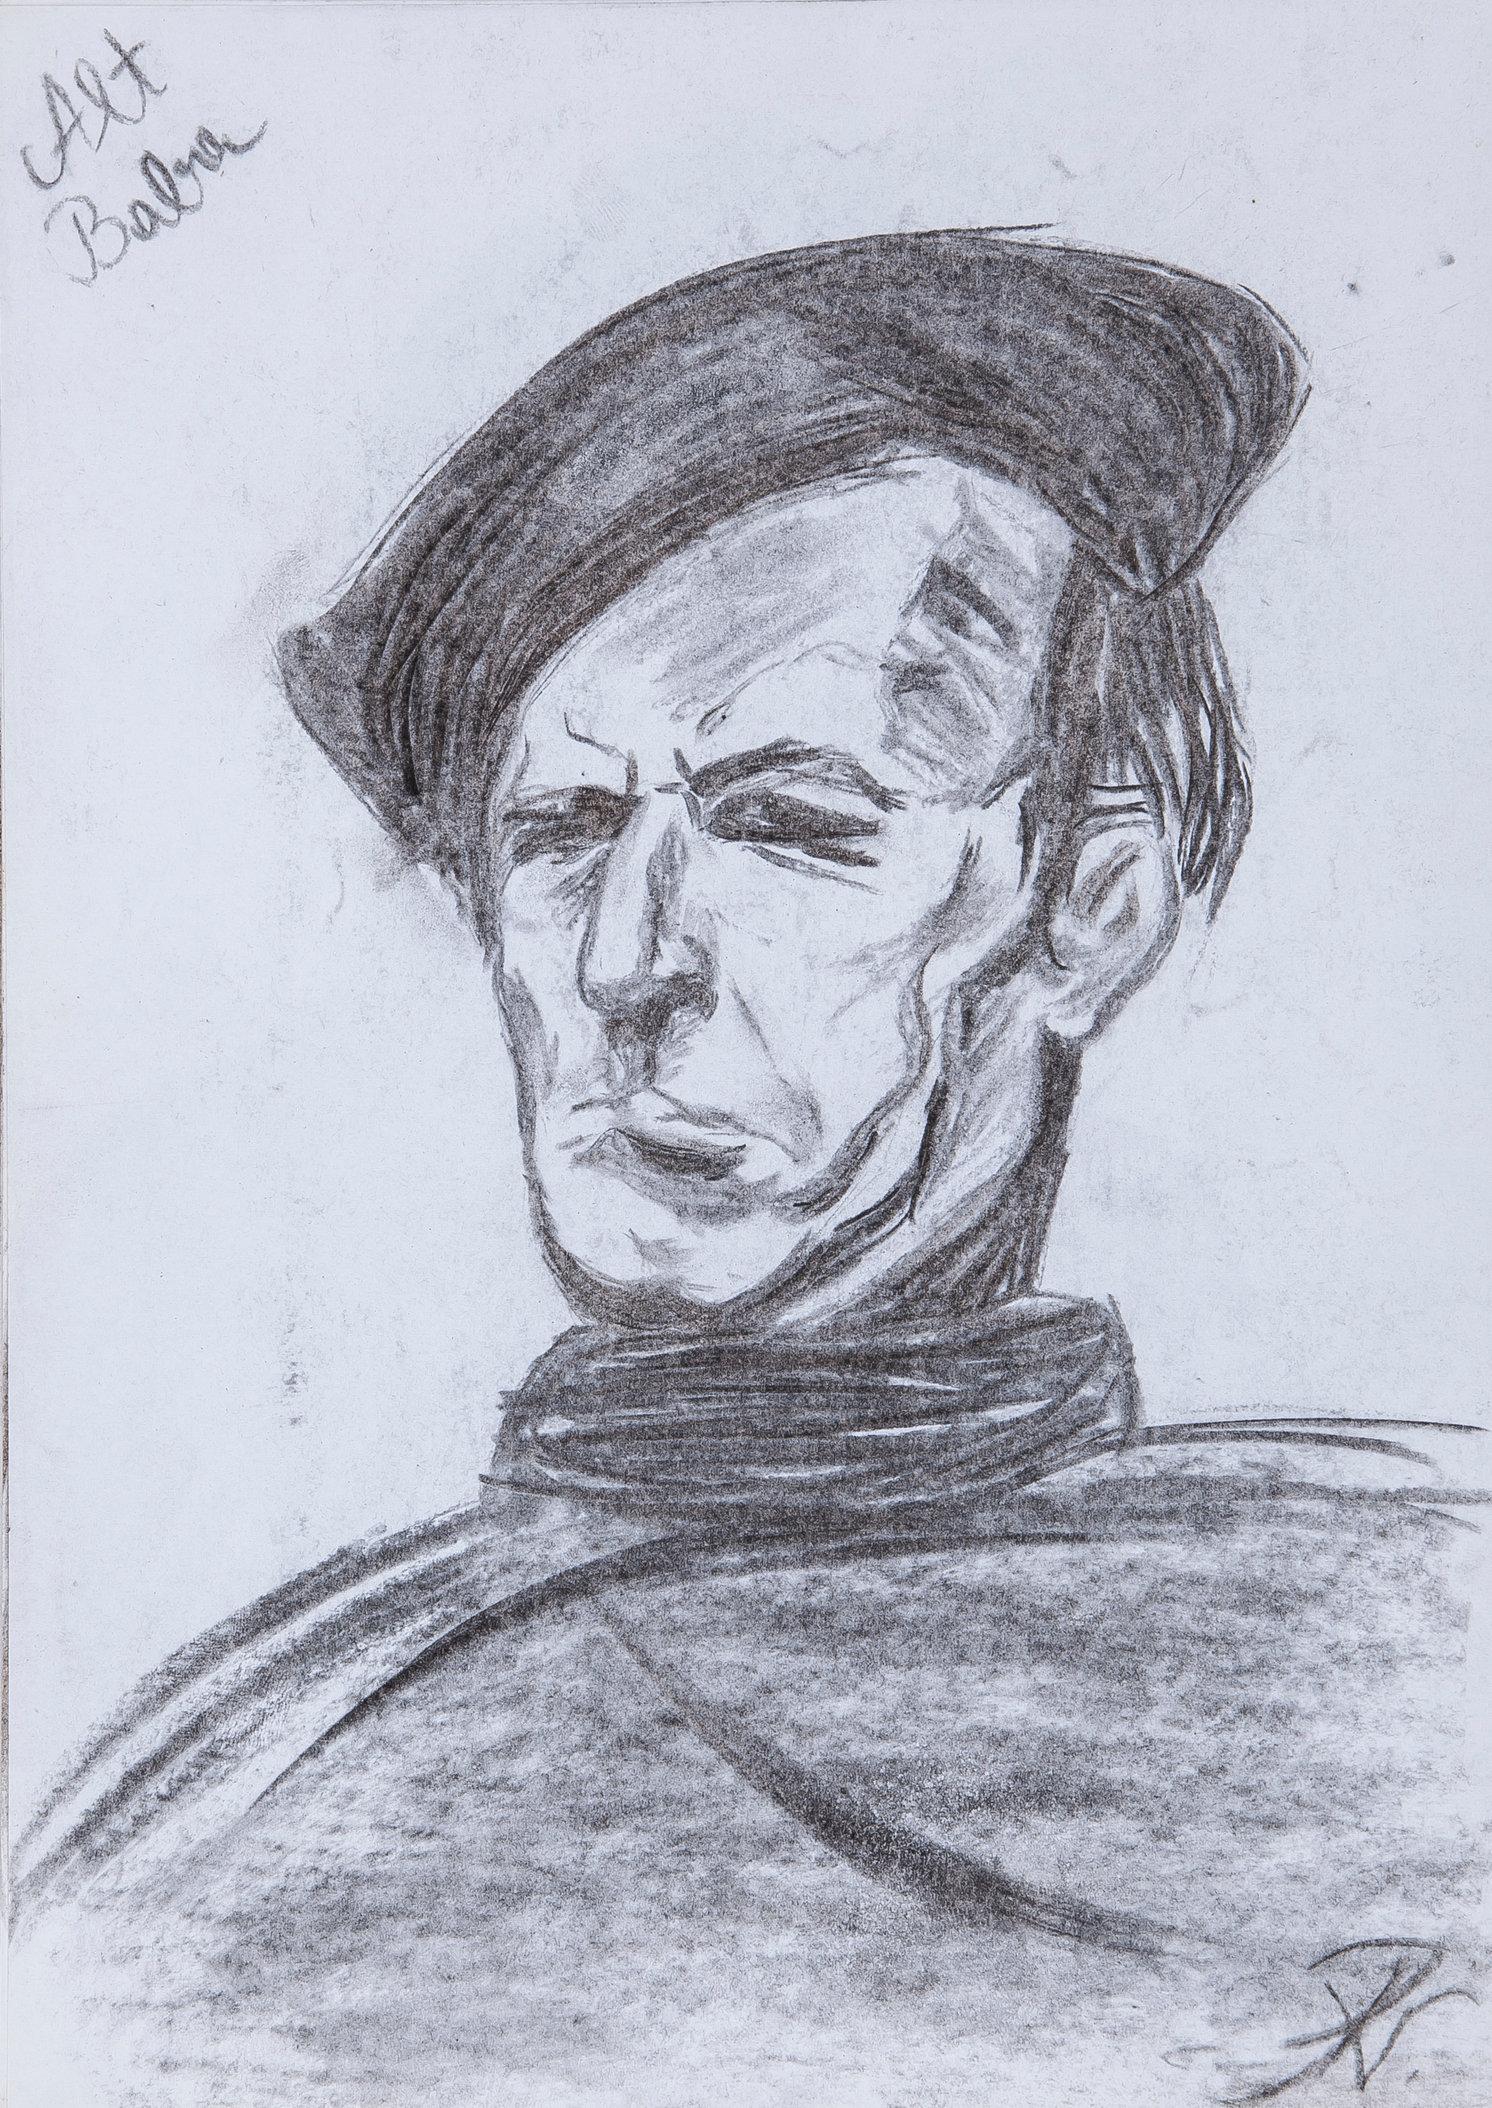 Baba, Corneliu (Portrait Study) 1